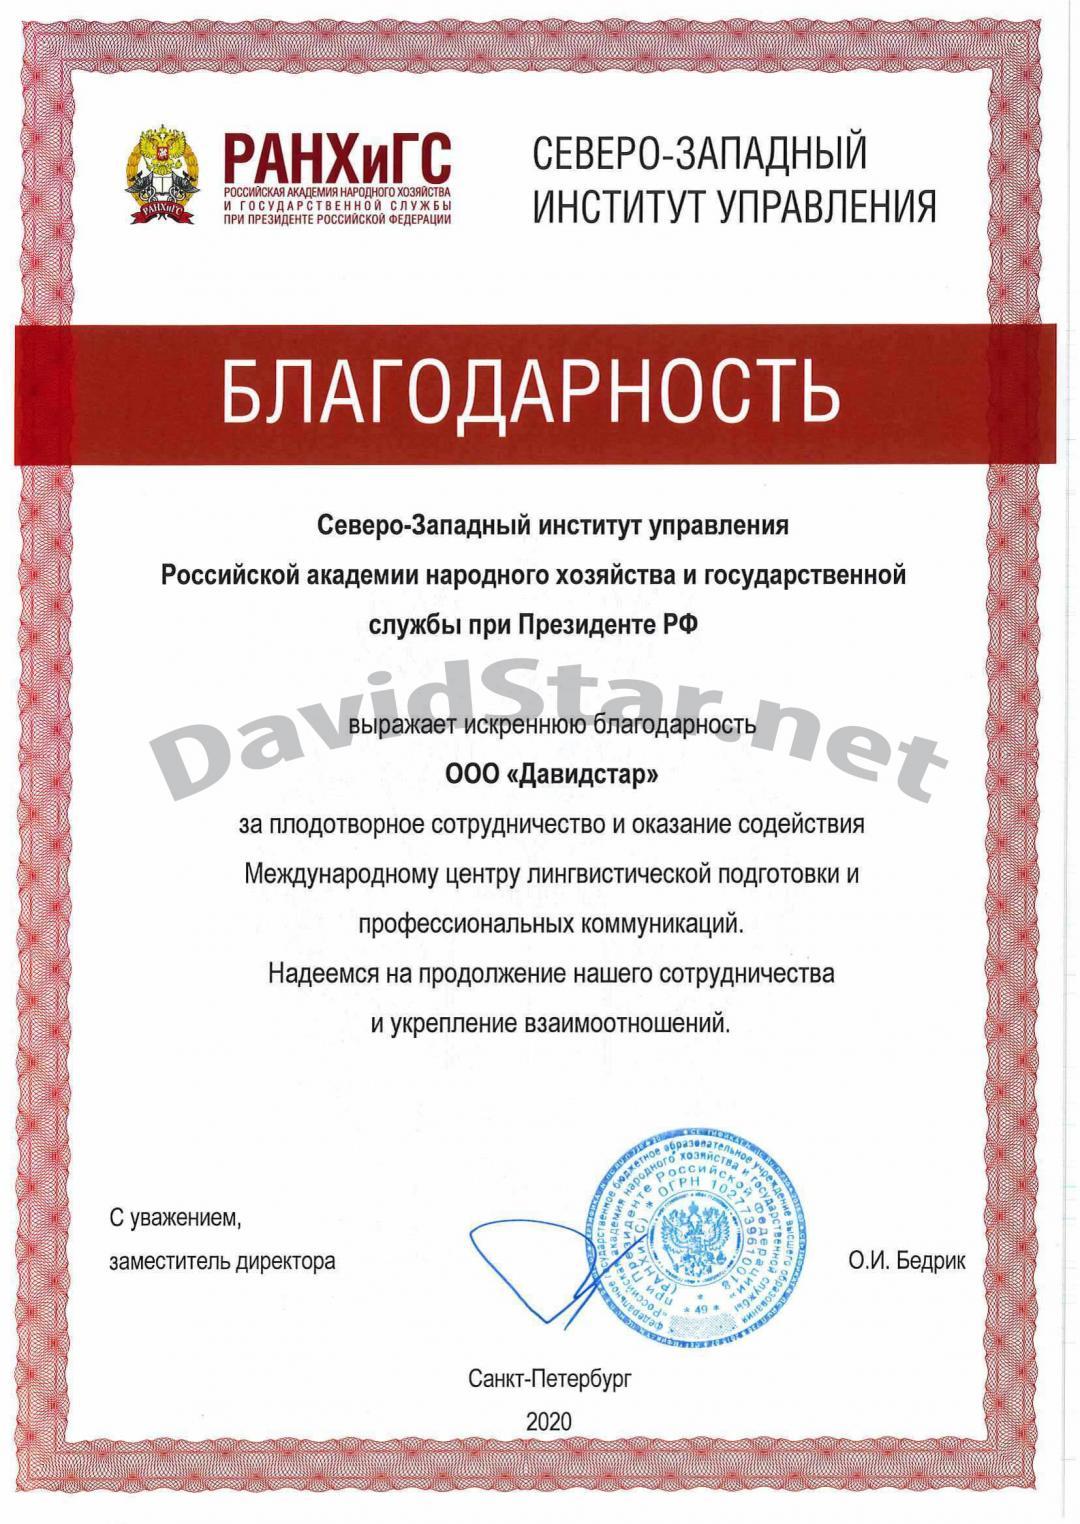 دانشگاه رانخیگس روسیه